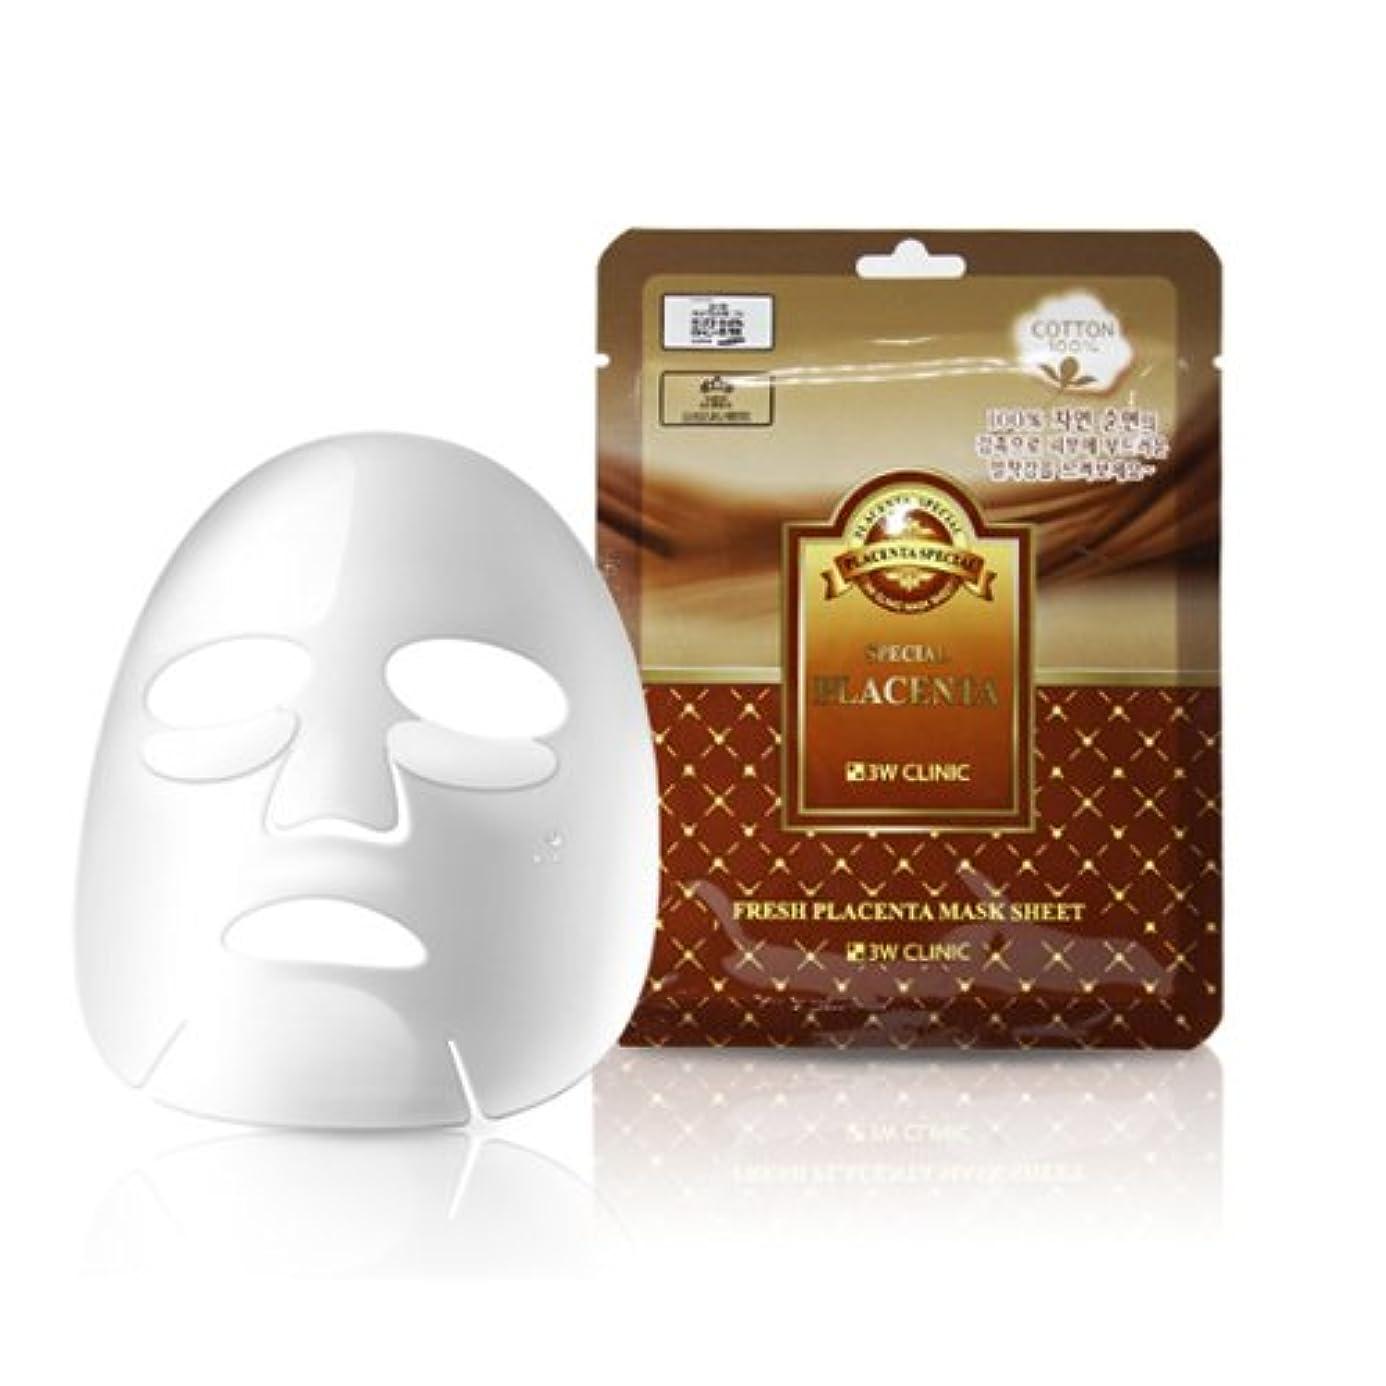 はちみつ漂流タイプライター3Wクリニック[韓国コスメ3w Clinic]Premium Placenta Mask Pack プレミアムプラセンタシートマスクパック10枚[並行輸入品]